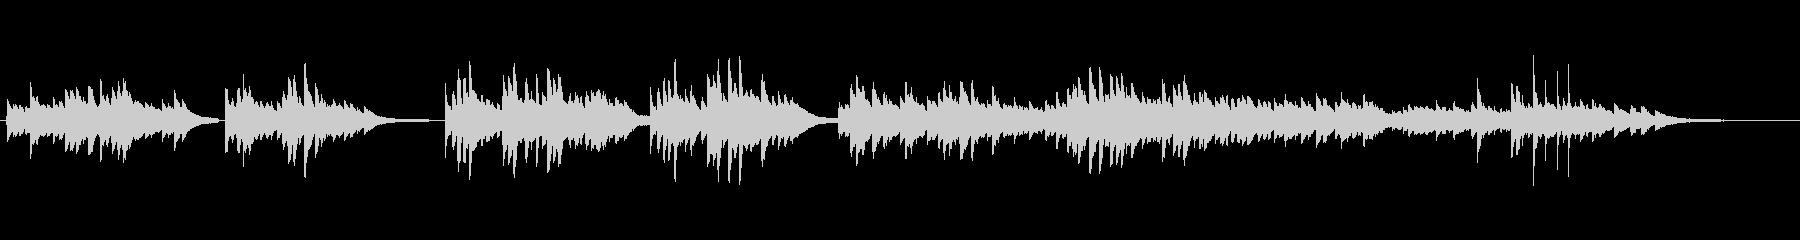 幻想風景的なピアノ曲の未再生の波形